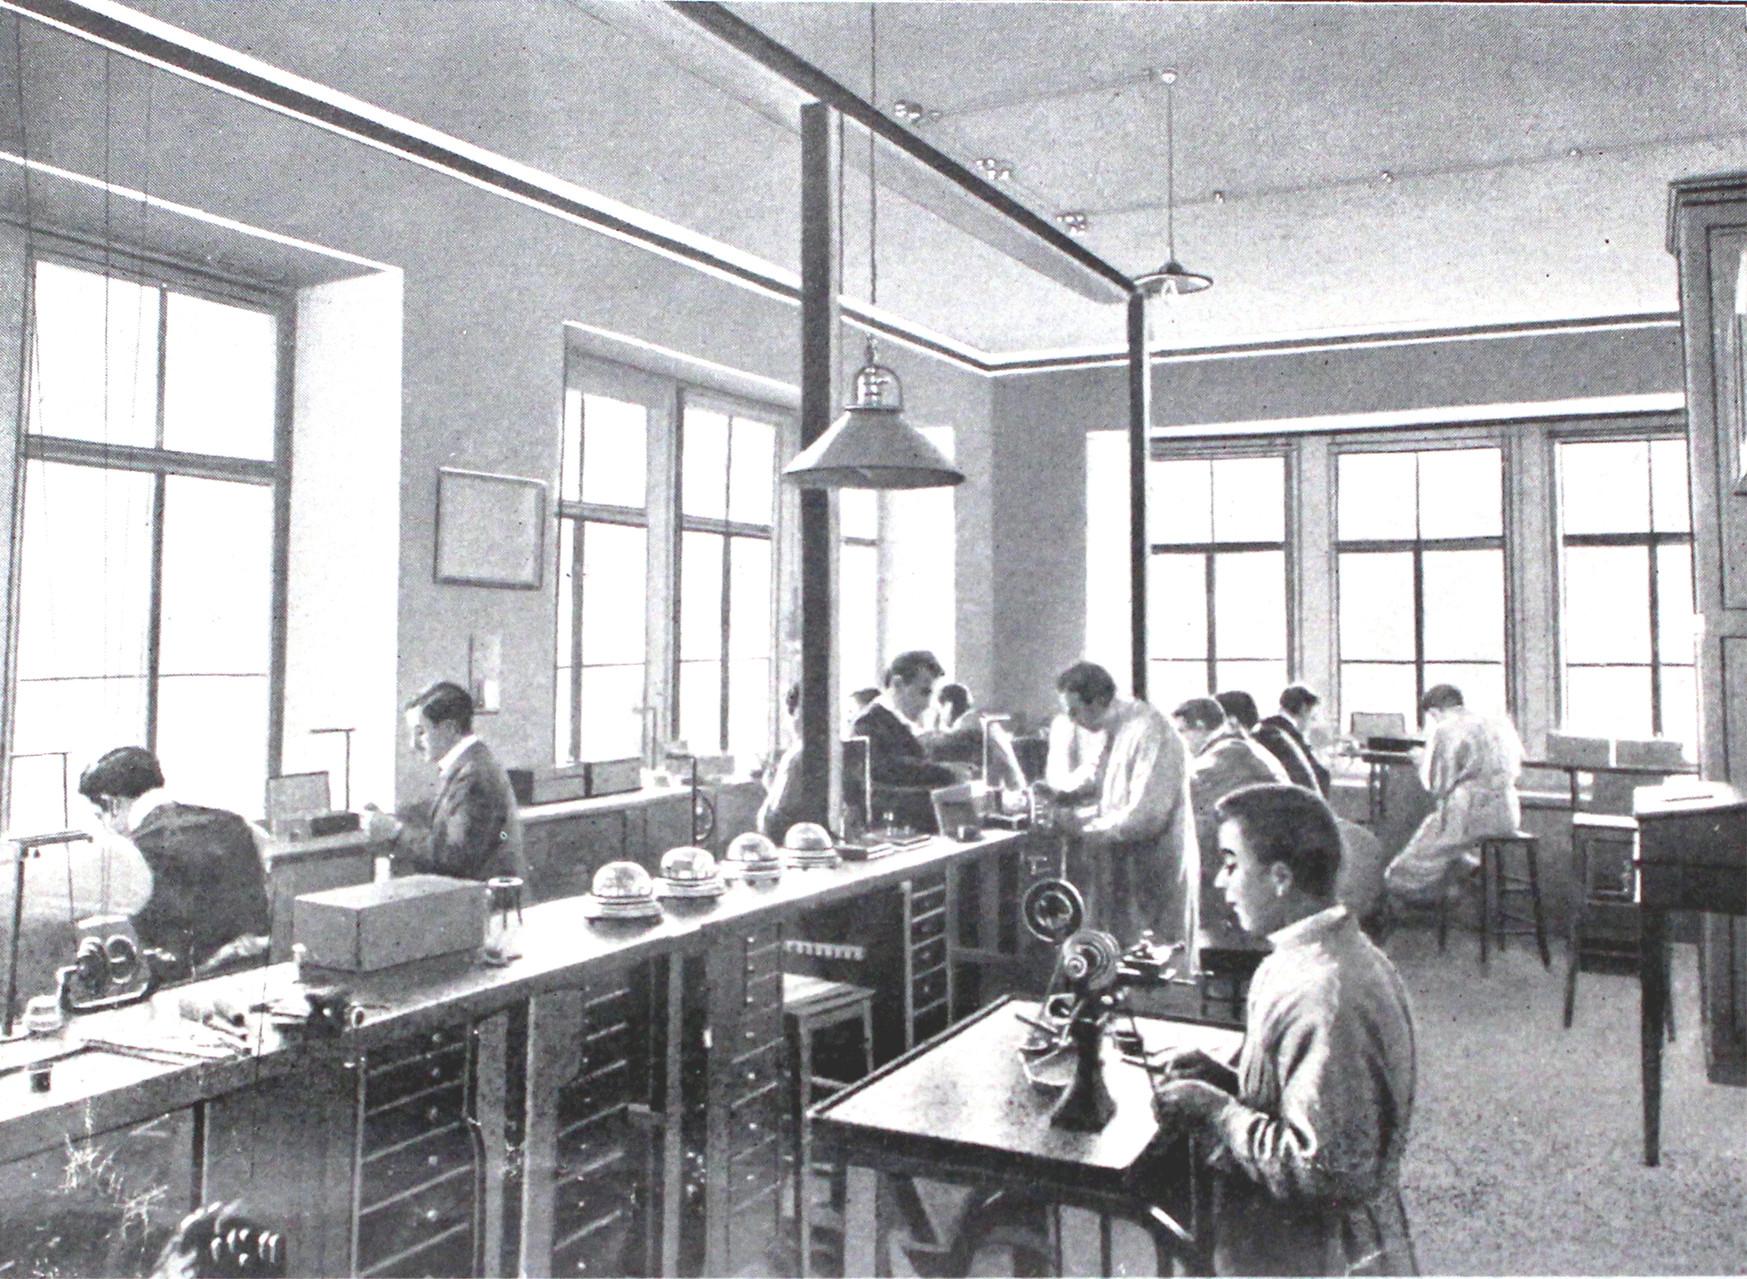 Lehrsaal 2 - Schüler bei ihren Arbeiten